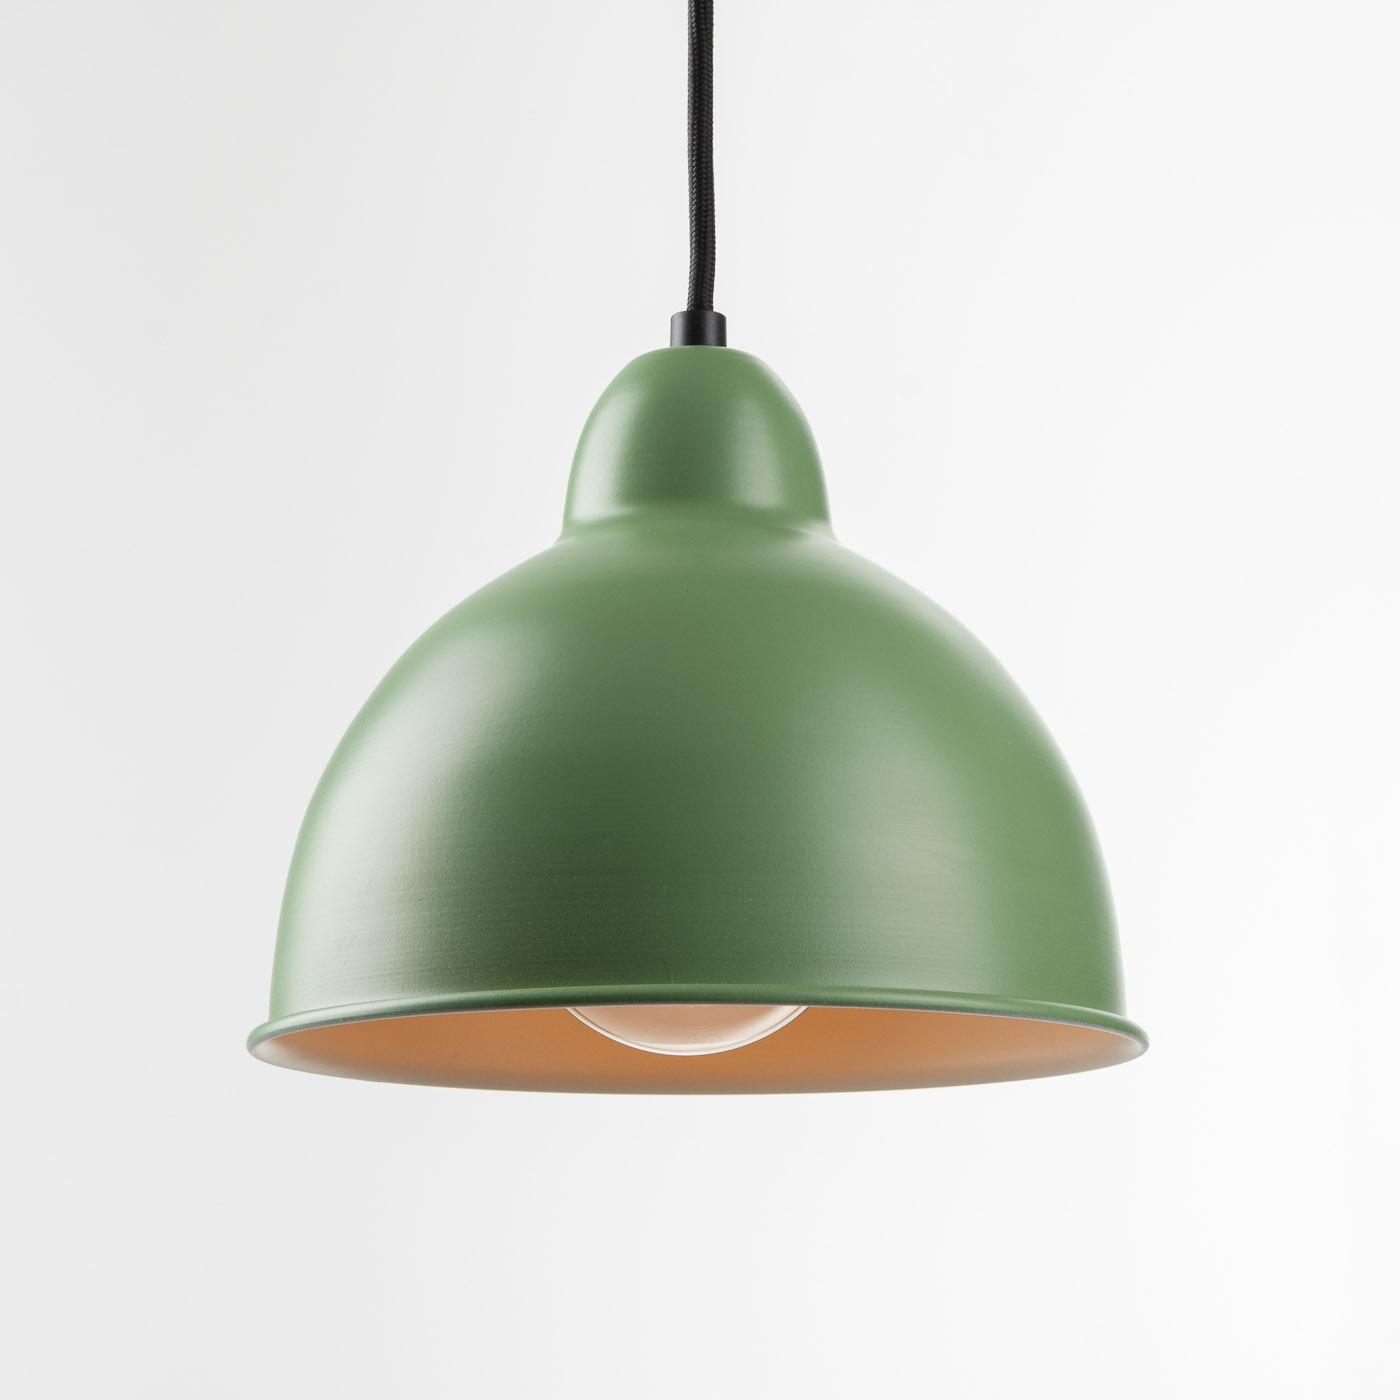 Потолочный светильник Joel зеленый